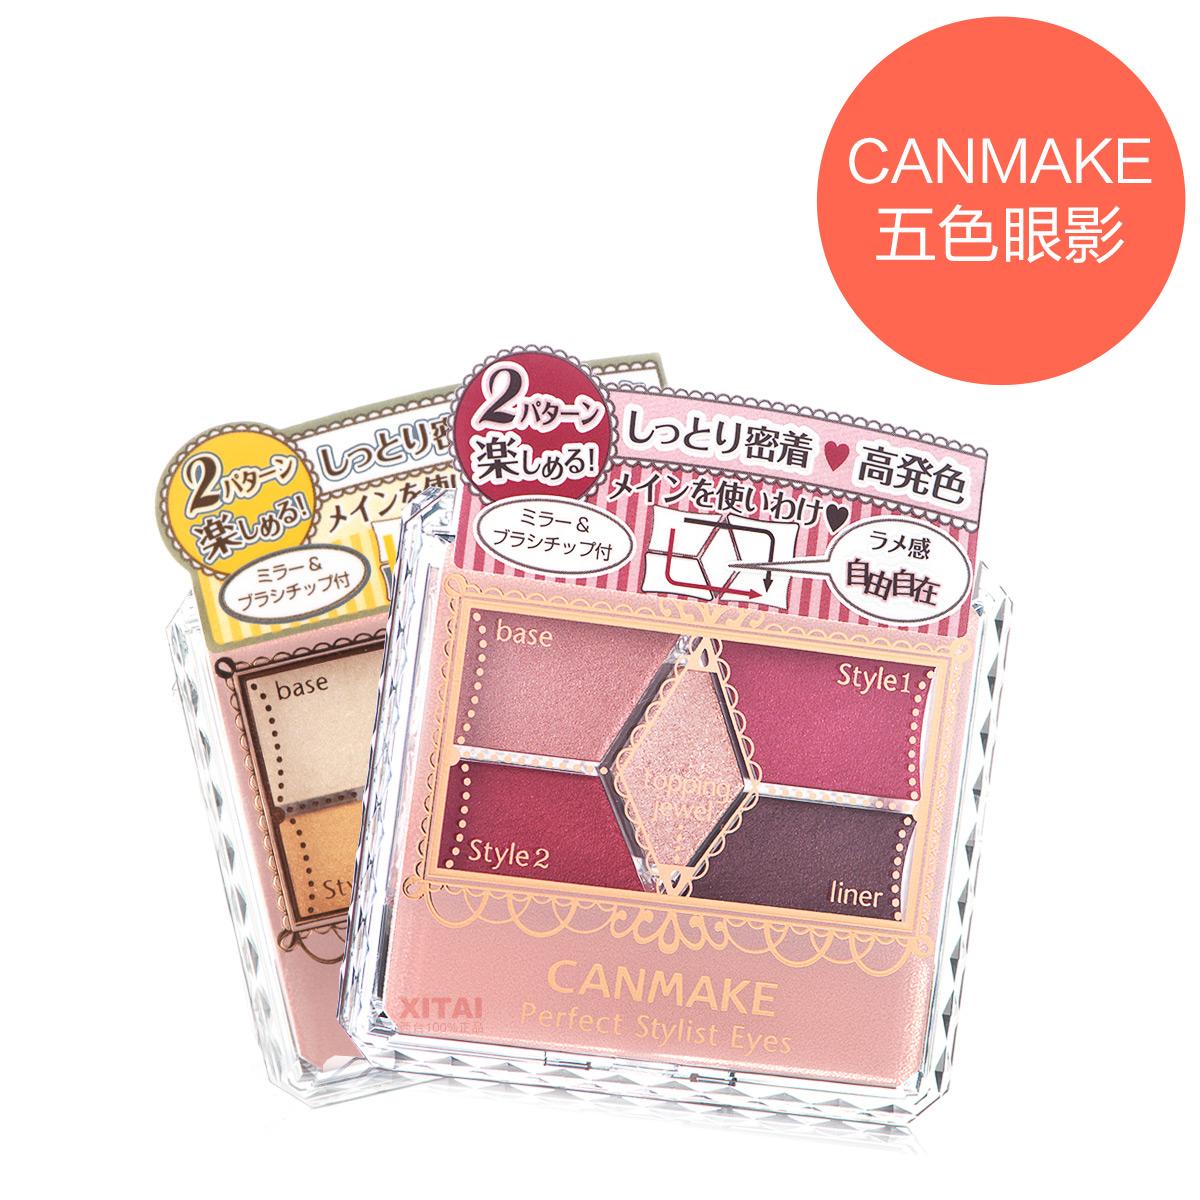 日本Canmake井田雕刻裸妆五色眼影盘 珠光5色大地色新梅子色14号